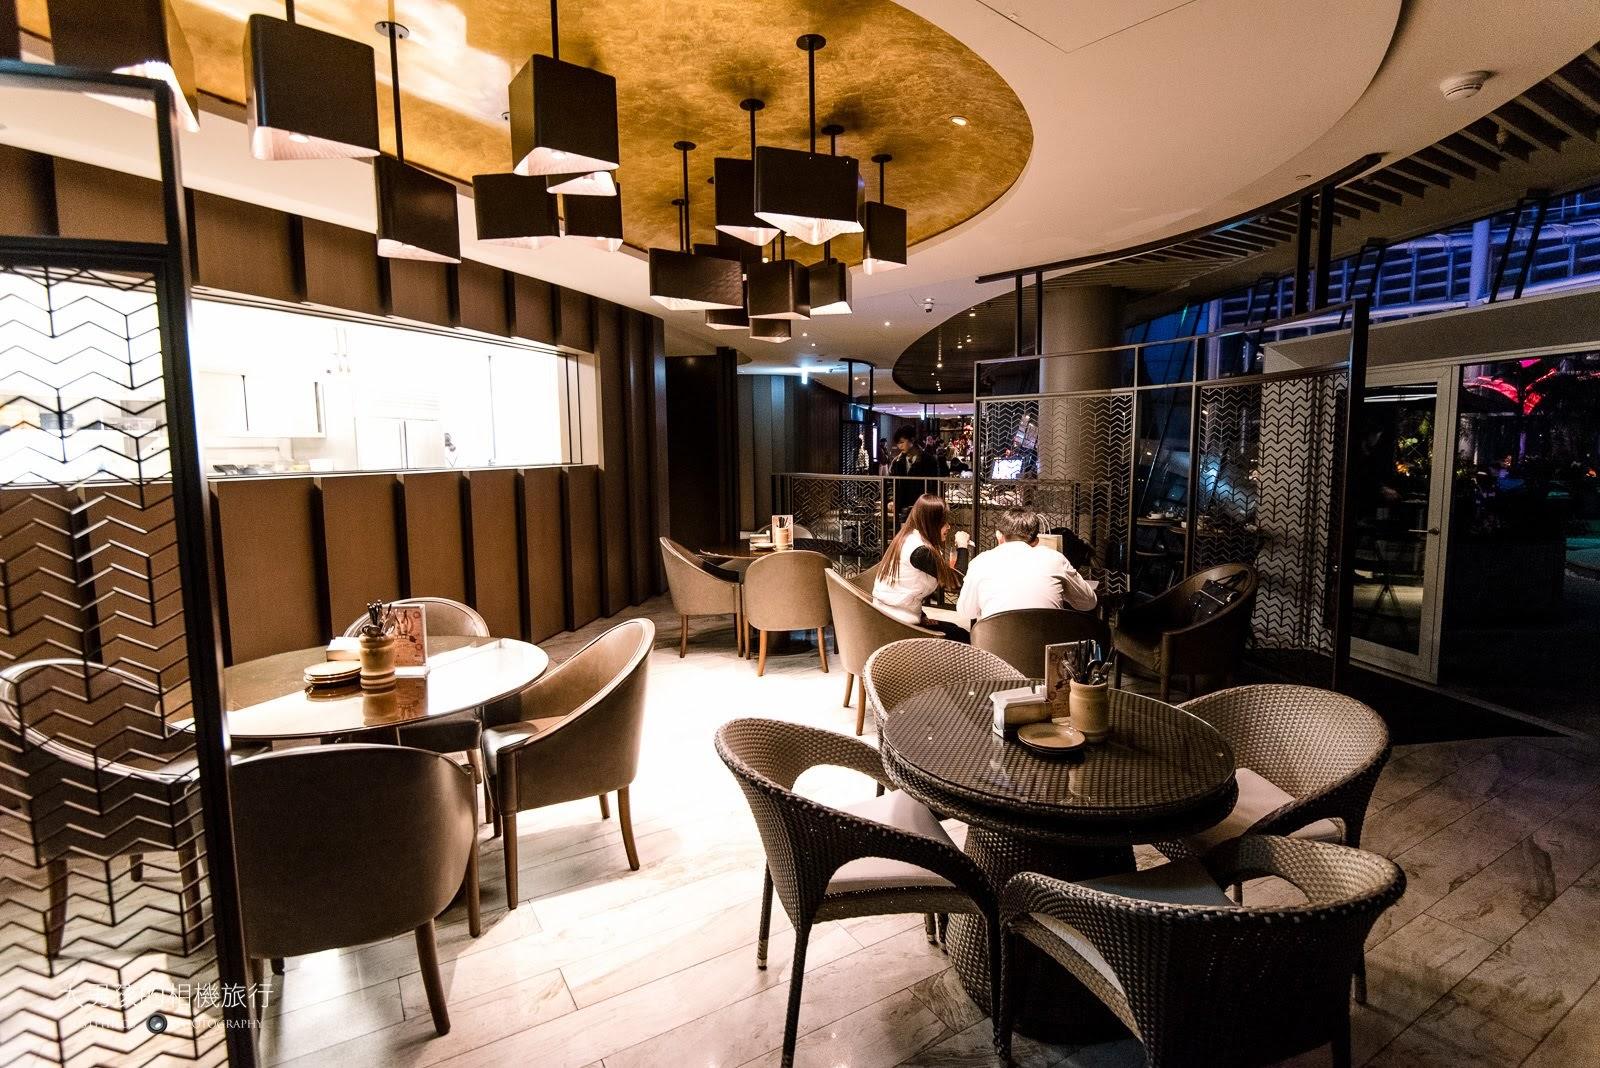 部分室內用餐區是沒有靠窗的,在訂位的時候可以特別留意。